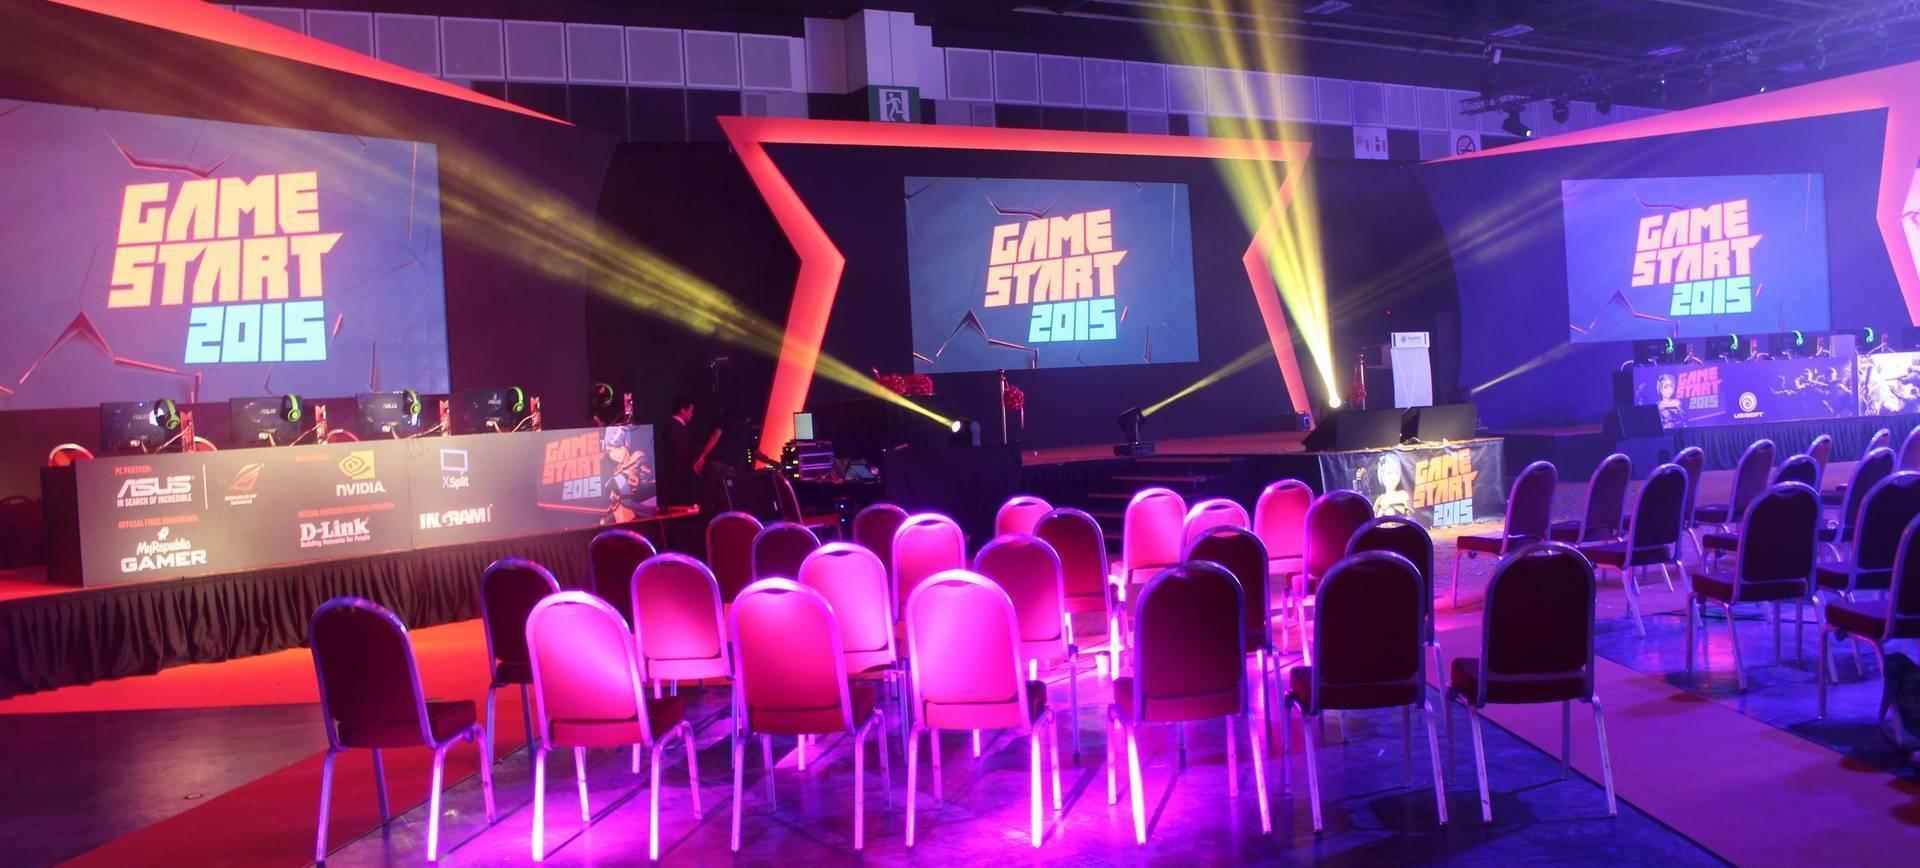 GameStart 2015: Nhẹ nhàng ngày đầu tiên